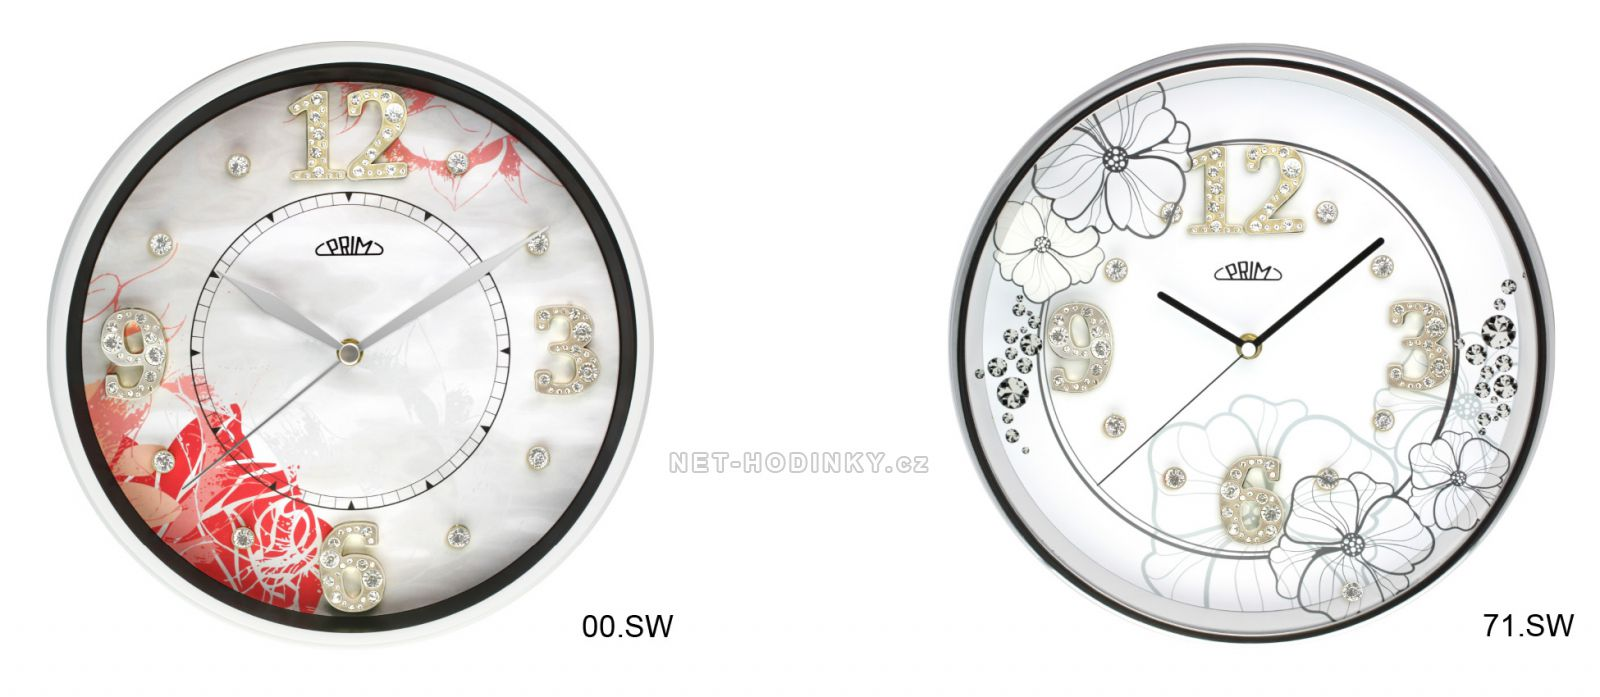 Nástěnné hodiny kovové s plynulým chodem PRIM 00.SW - bílá